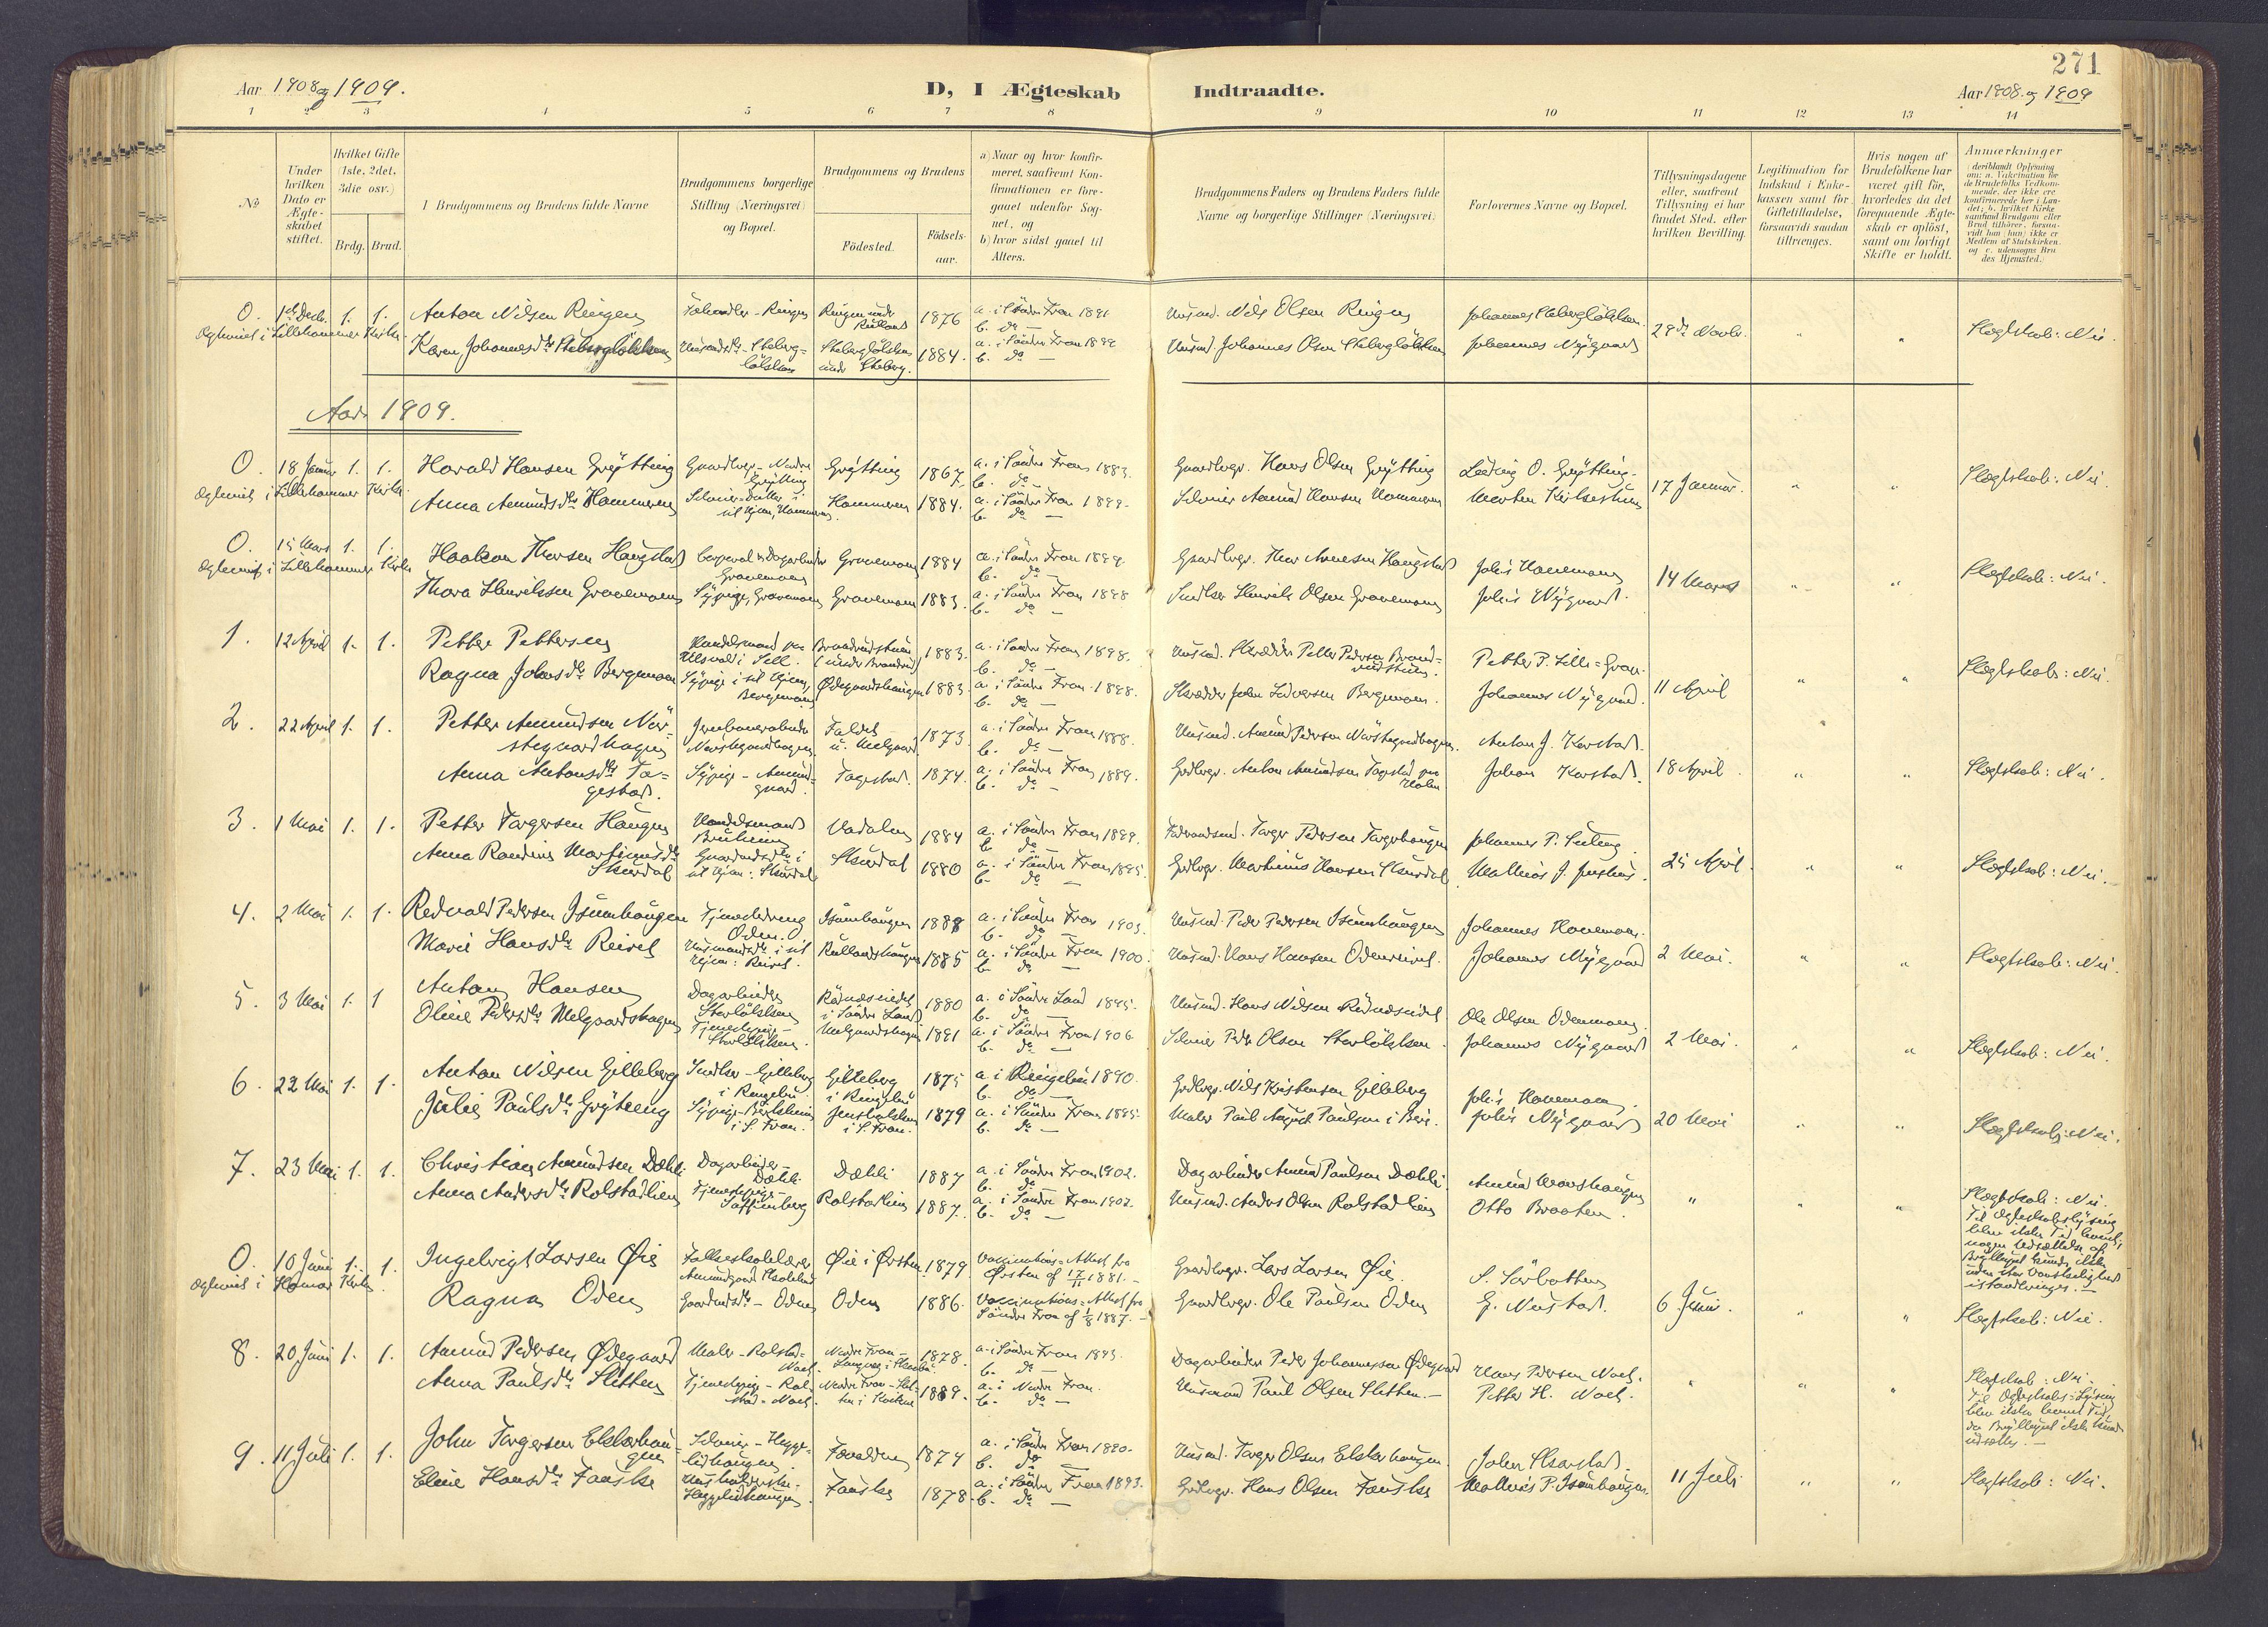 SAH, Sør-Fron prestekontor, H/Ha/Haa/L0004: Ministerialbok nr. 4, 1898-1919, s. 271